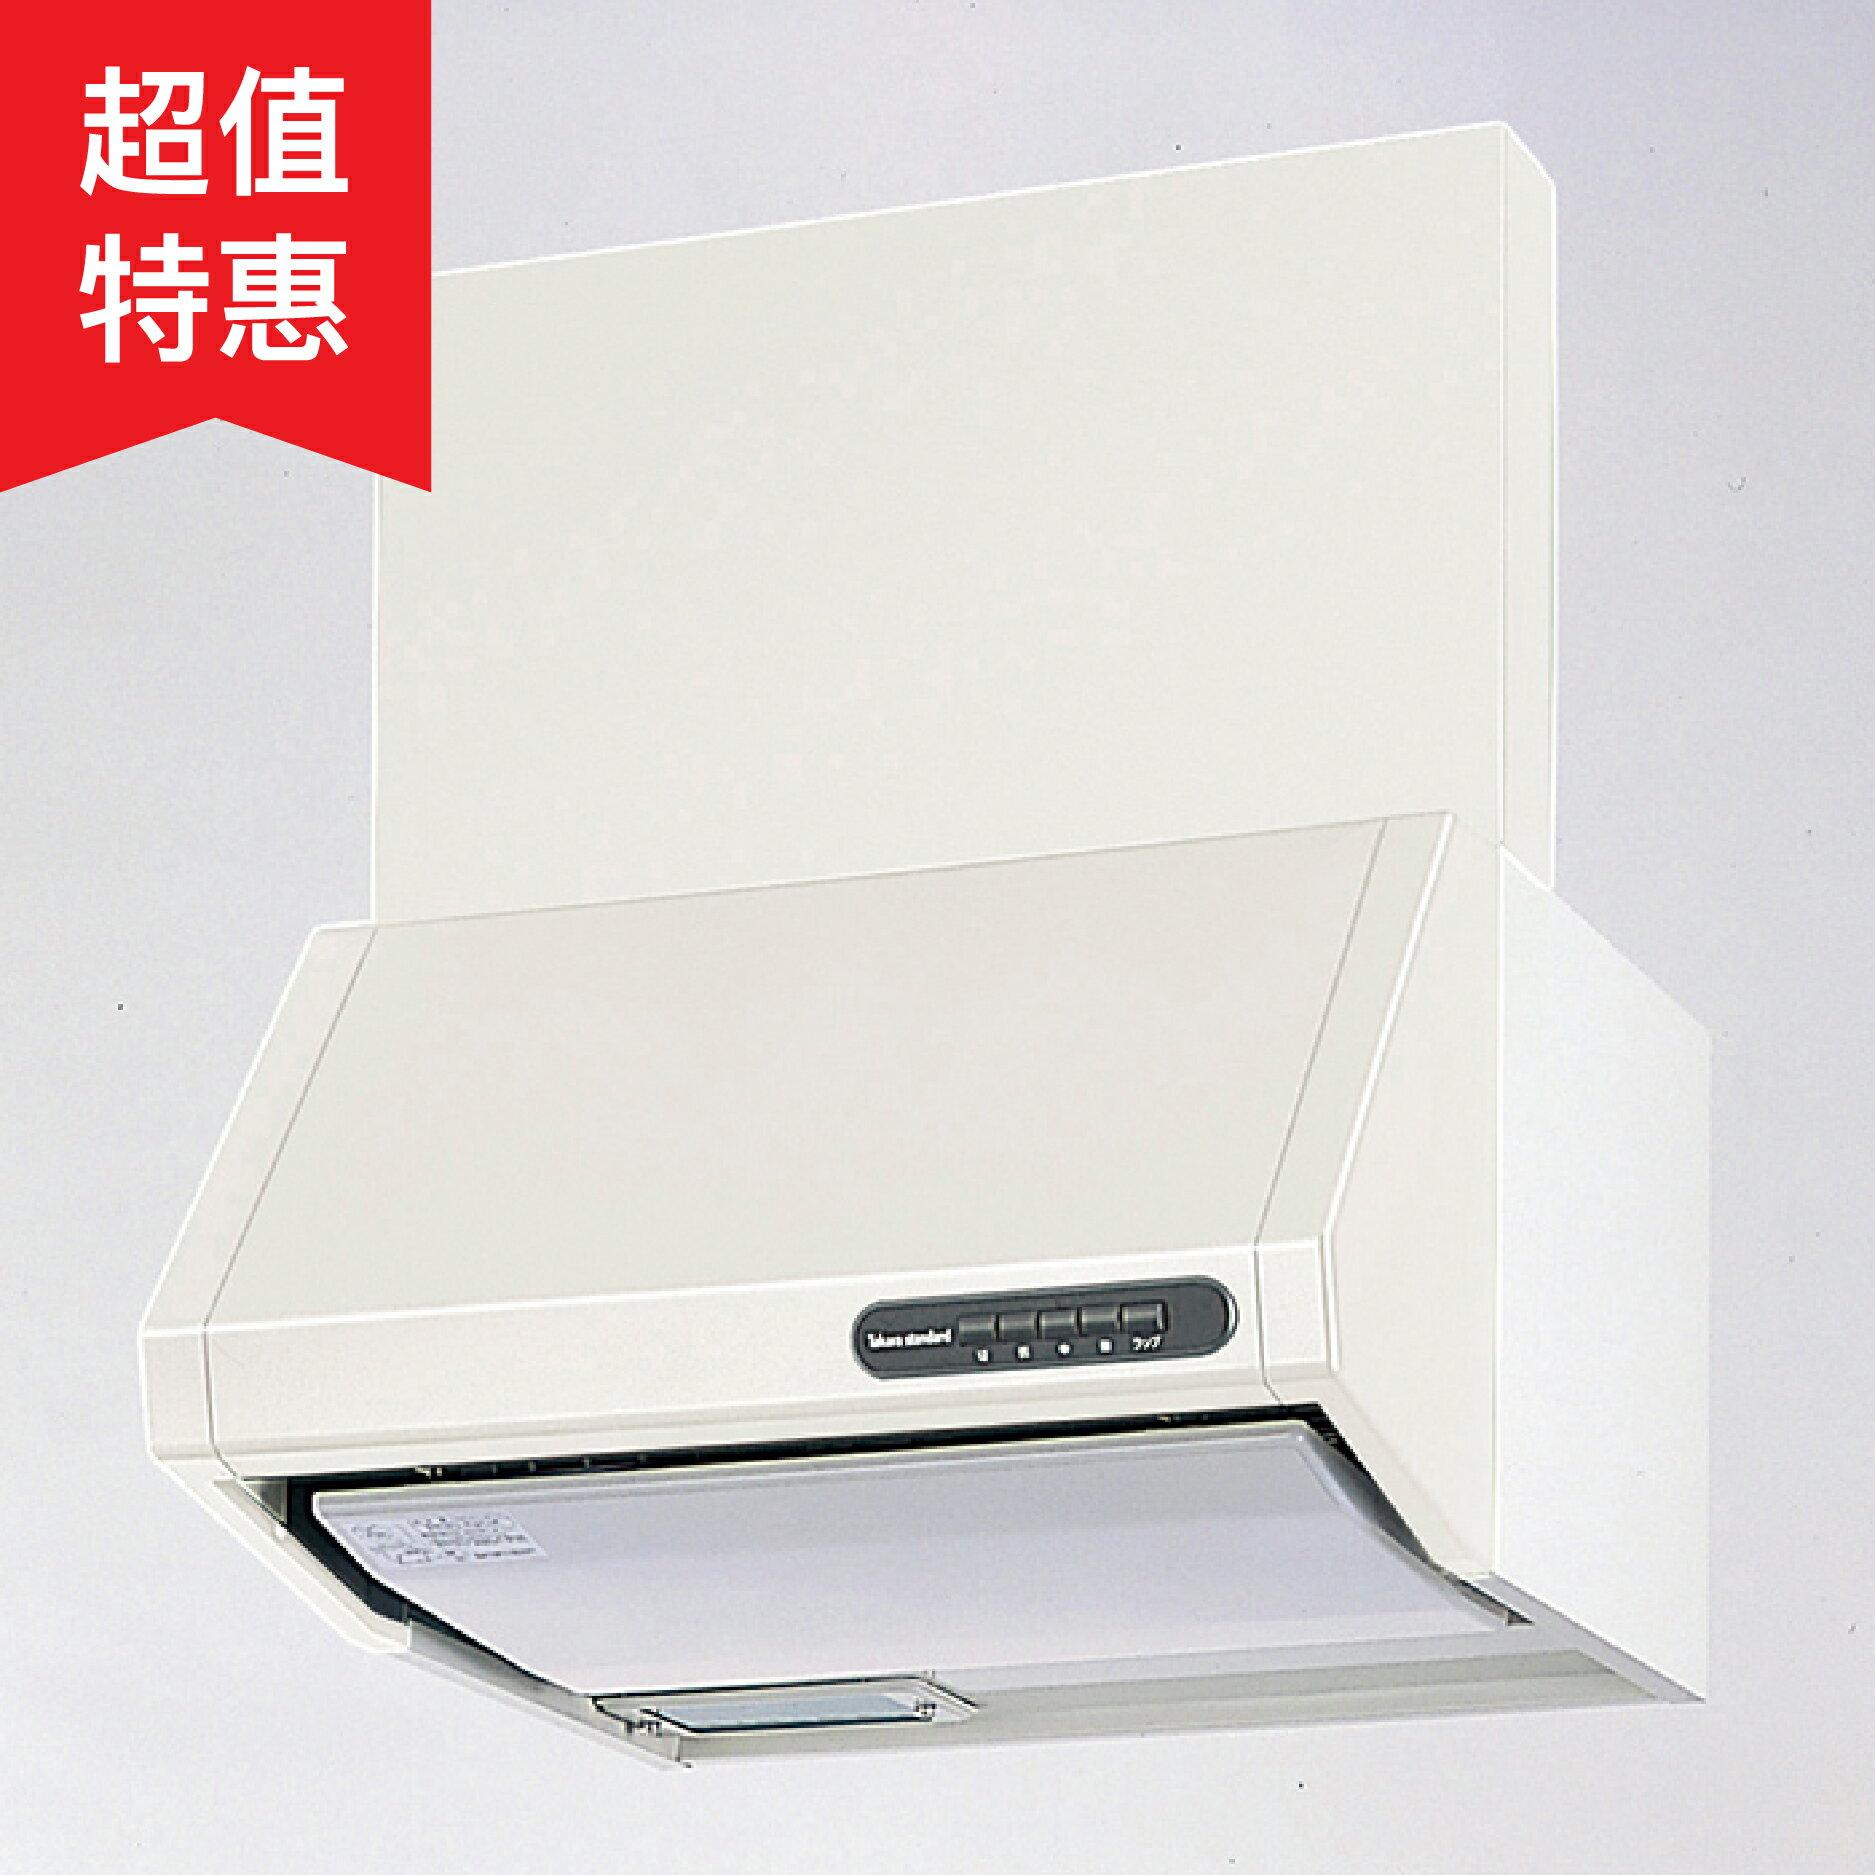 【現貨+預購】日本廚房用家電-Takara Standard 靜音環吸排油煙機【RUS90F】強大吸力,靜音除味,保持居家空氣清新